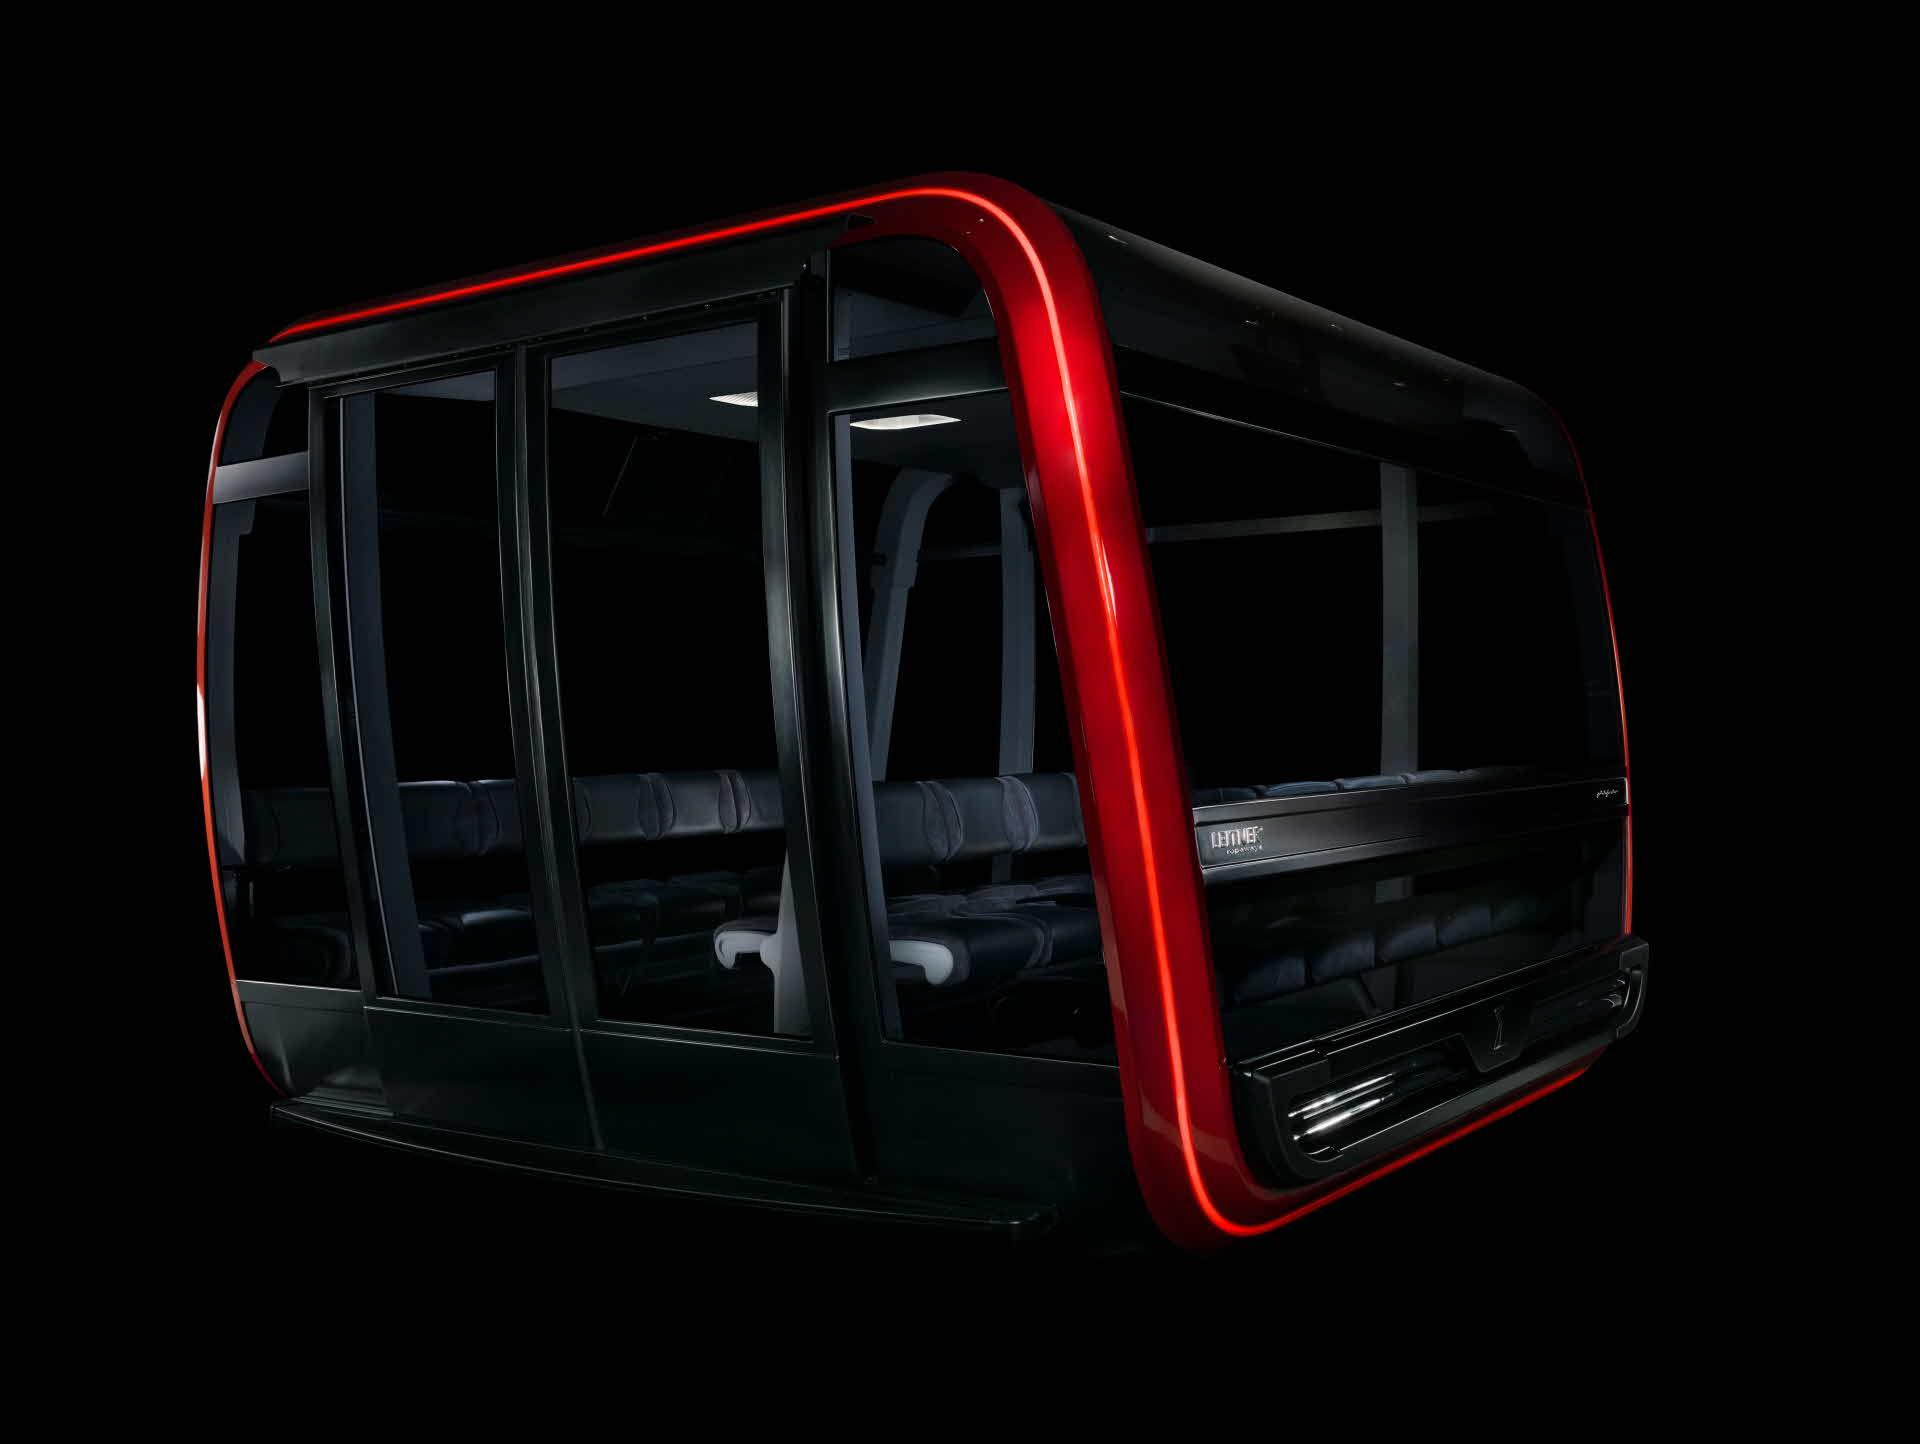 En av de 9 gondolkabinene med kapasitet på 34 personer. Kabinene har store vinduer og behagelige seter.